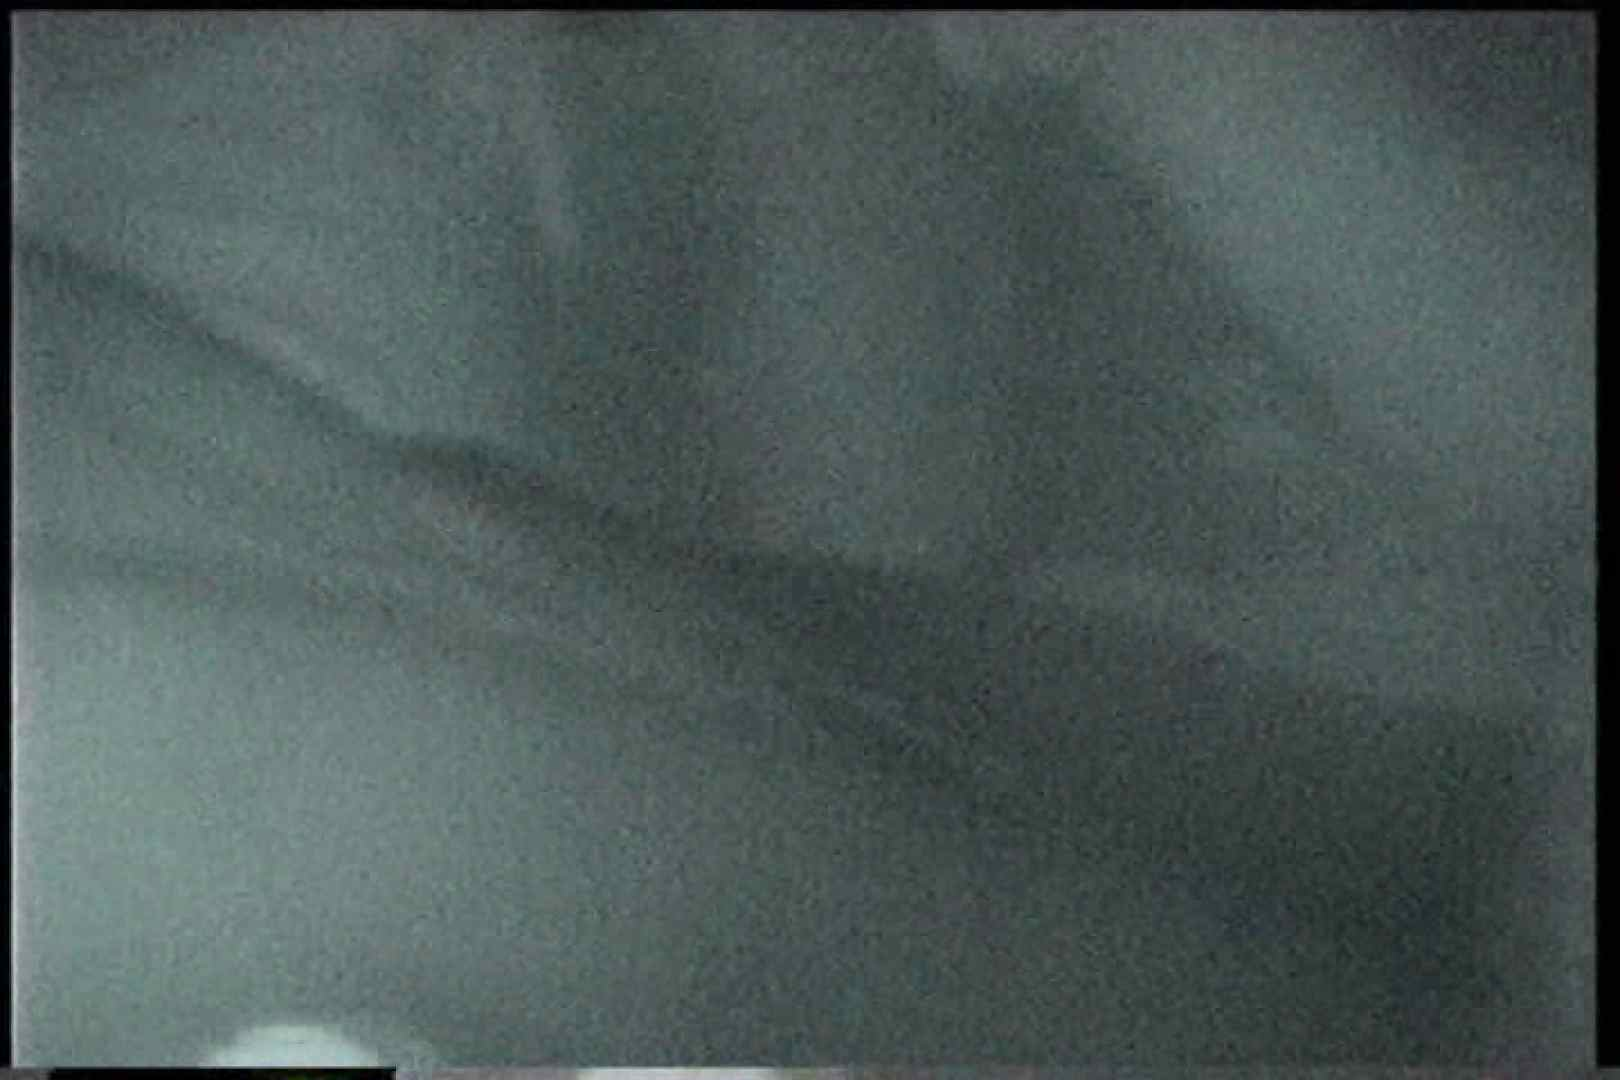 充血監督の深夜の運動会Vol.173 OLセックス   乳首ポロリ  63画像 31